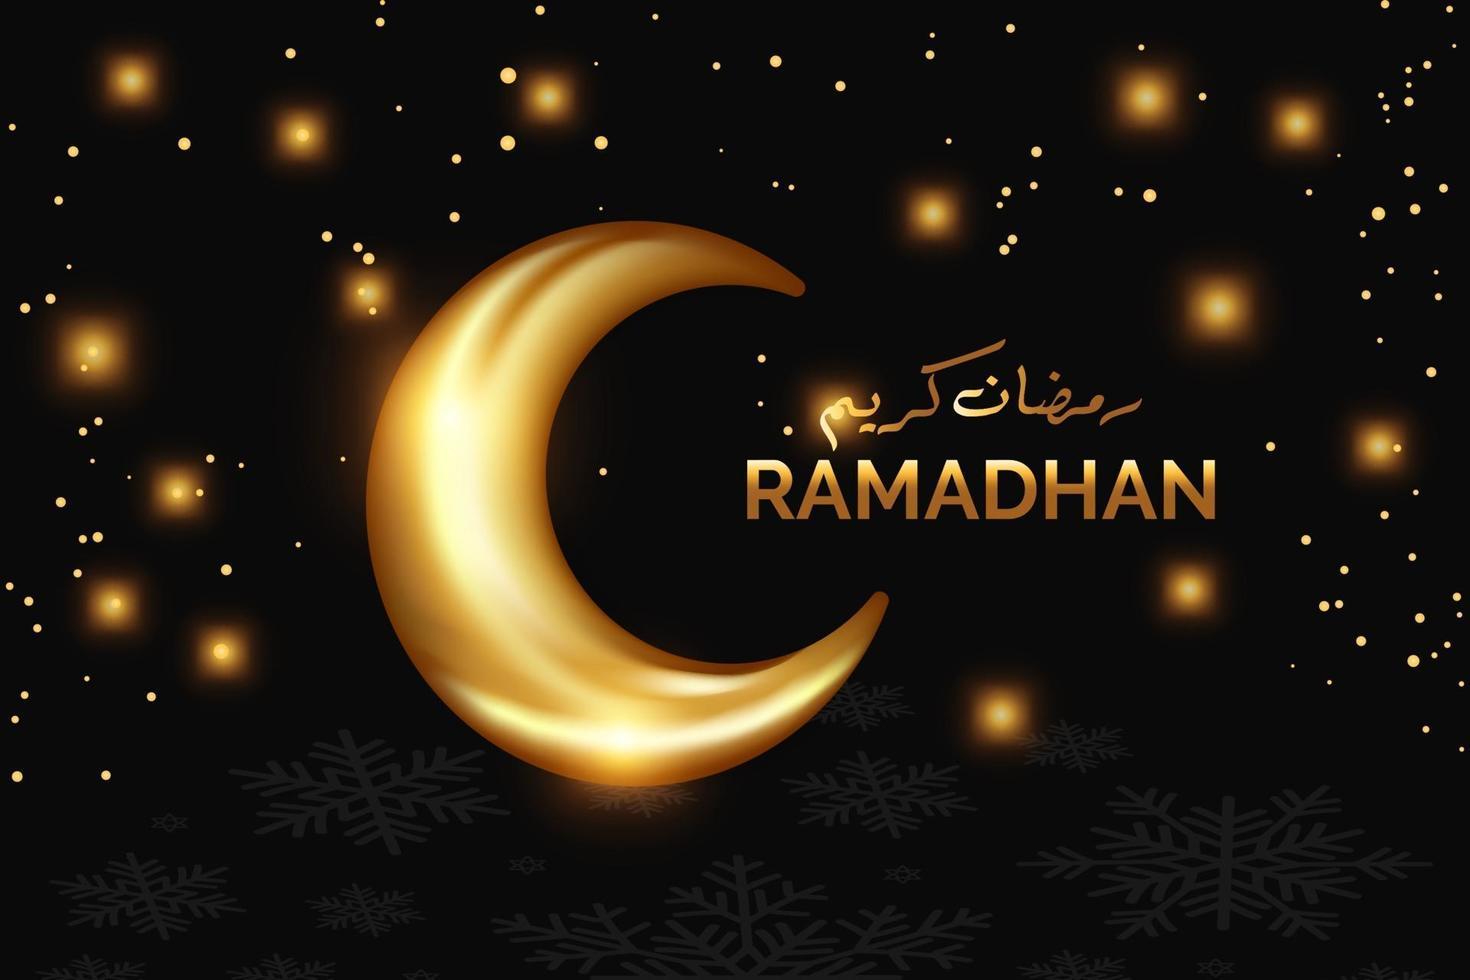 realistisches Mond-Ramadhan-Konzept vektor